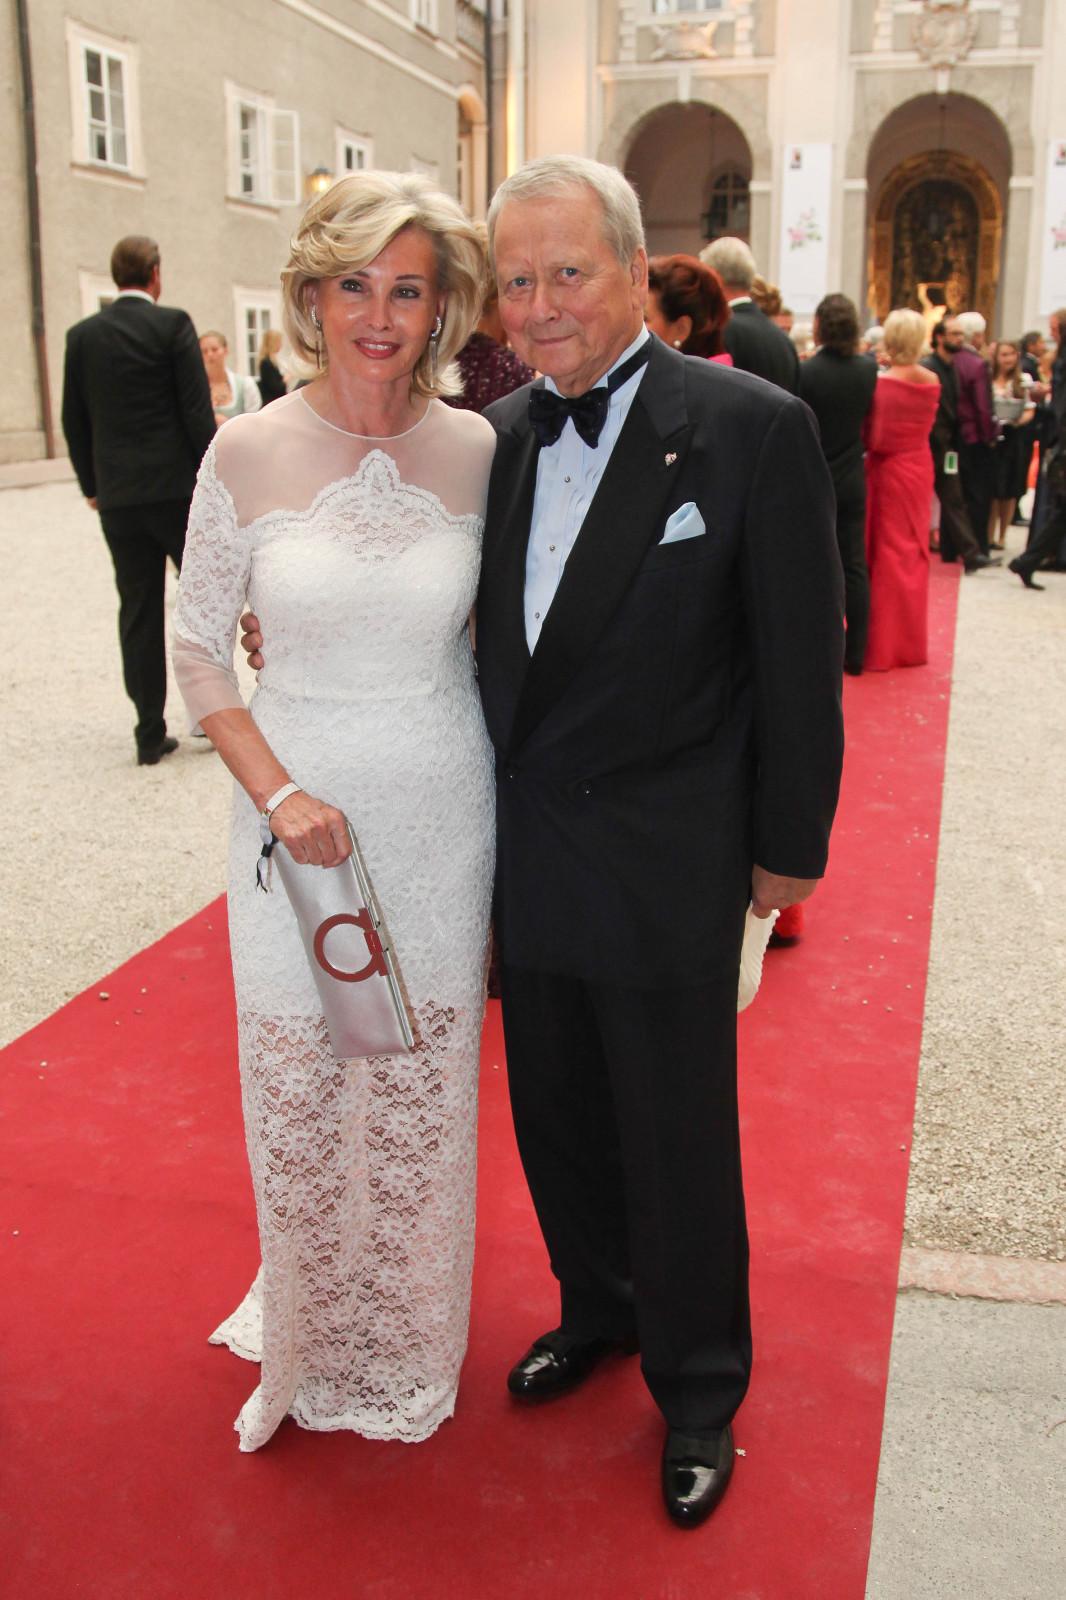 Claudia Hübner und Wolfgang Porsche am Red Carpet beim Festspielball